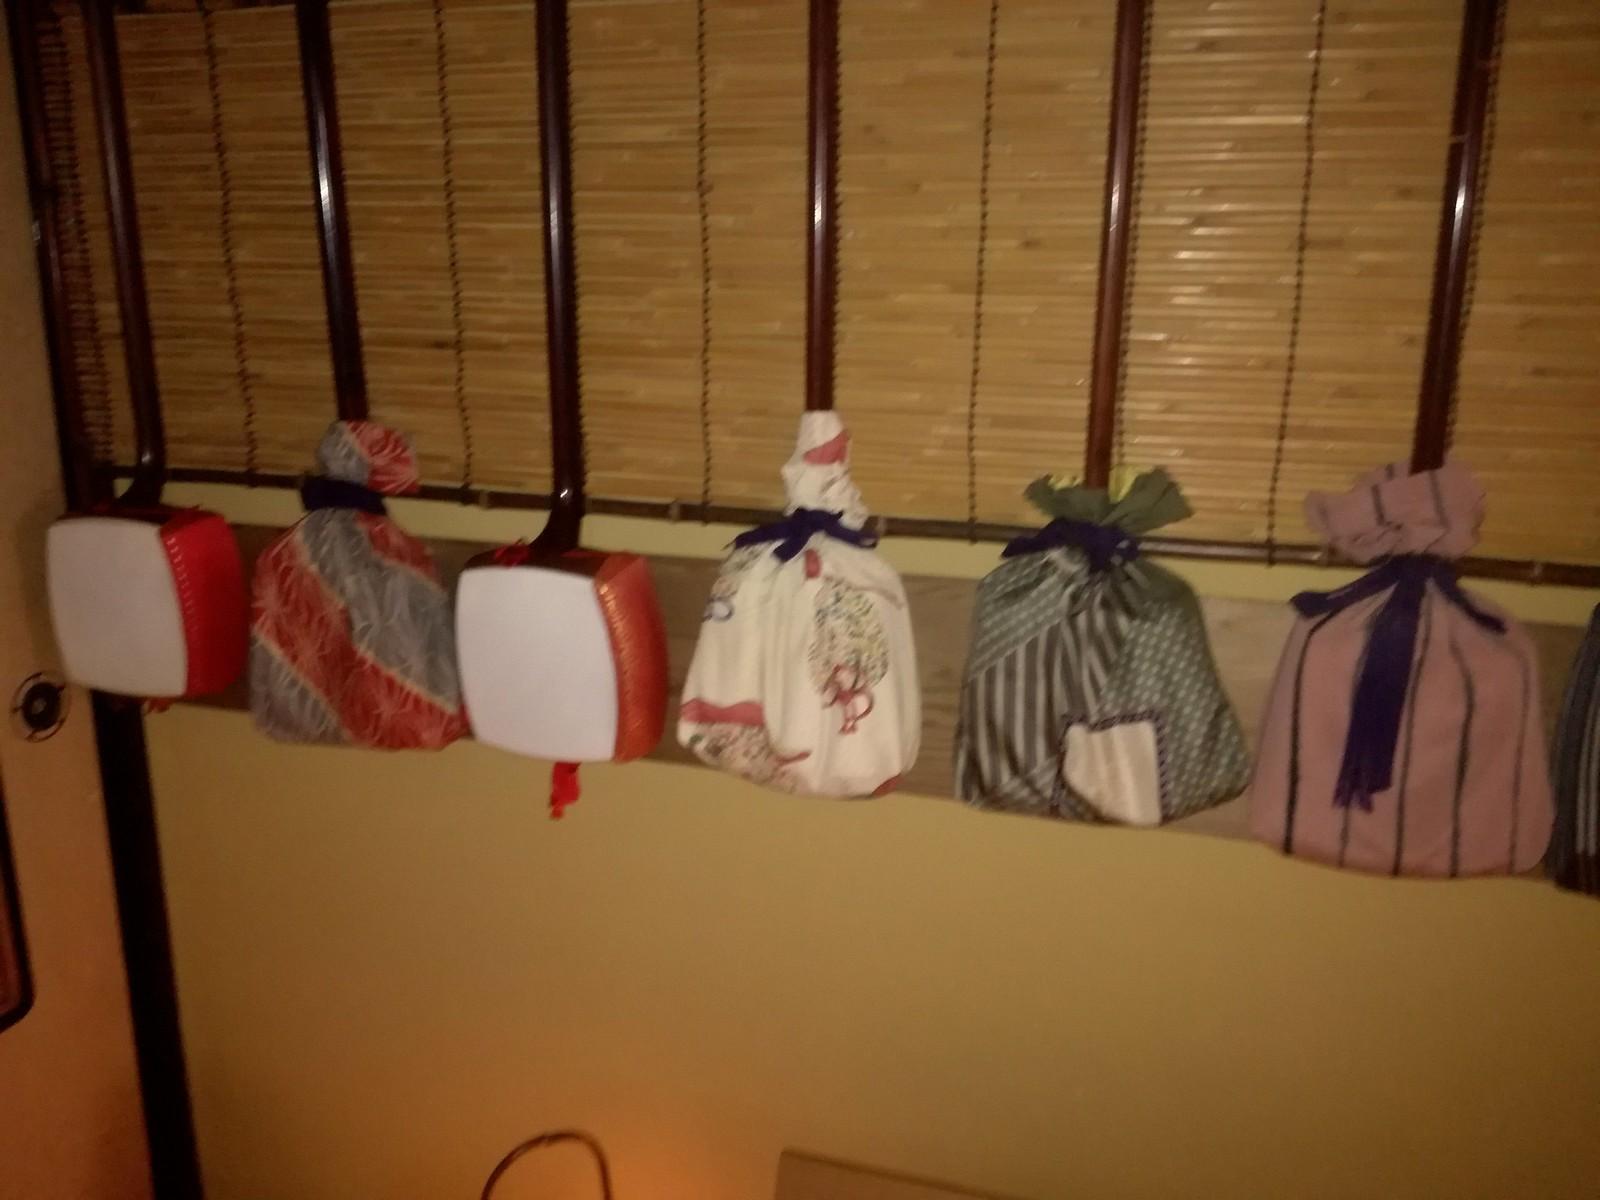 Kanazawa - Shima, maison de geishas - shamisen